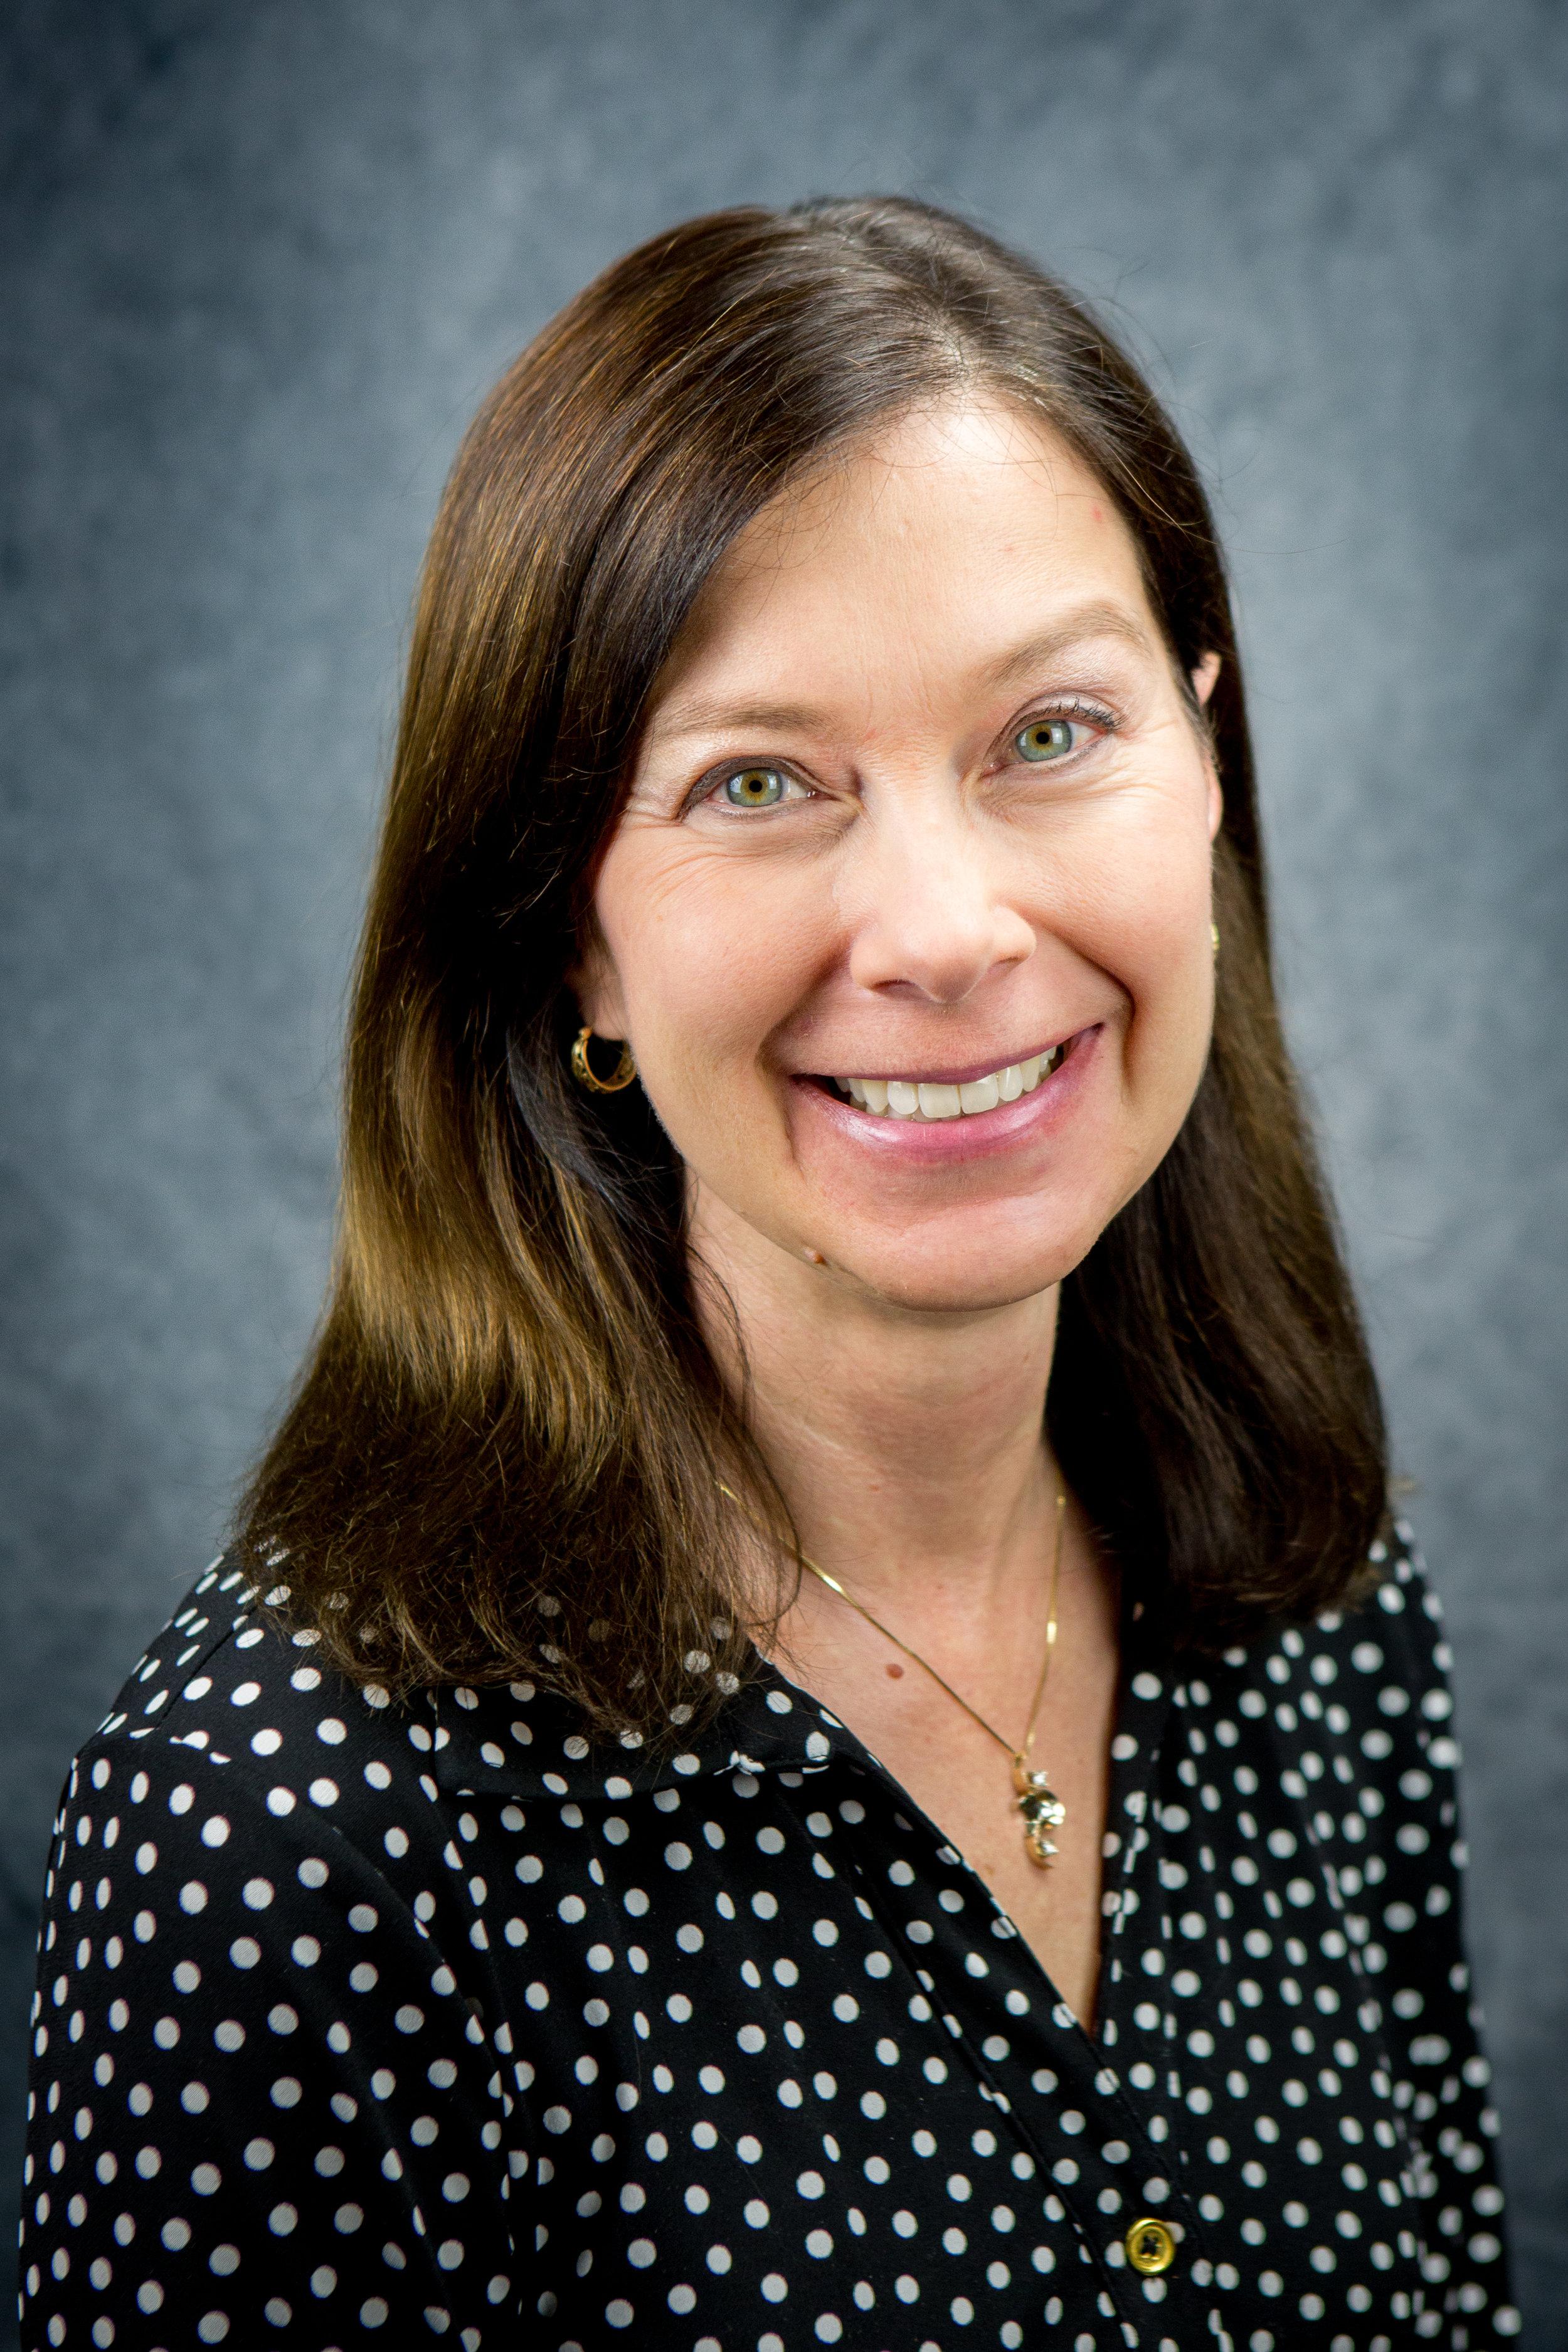 Michelle Lamb - Psychologist